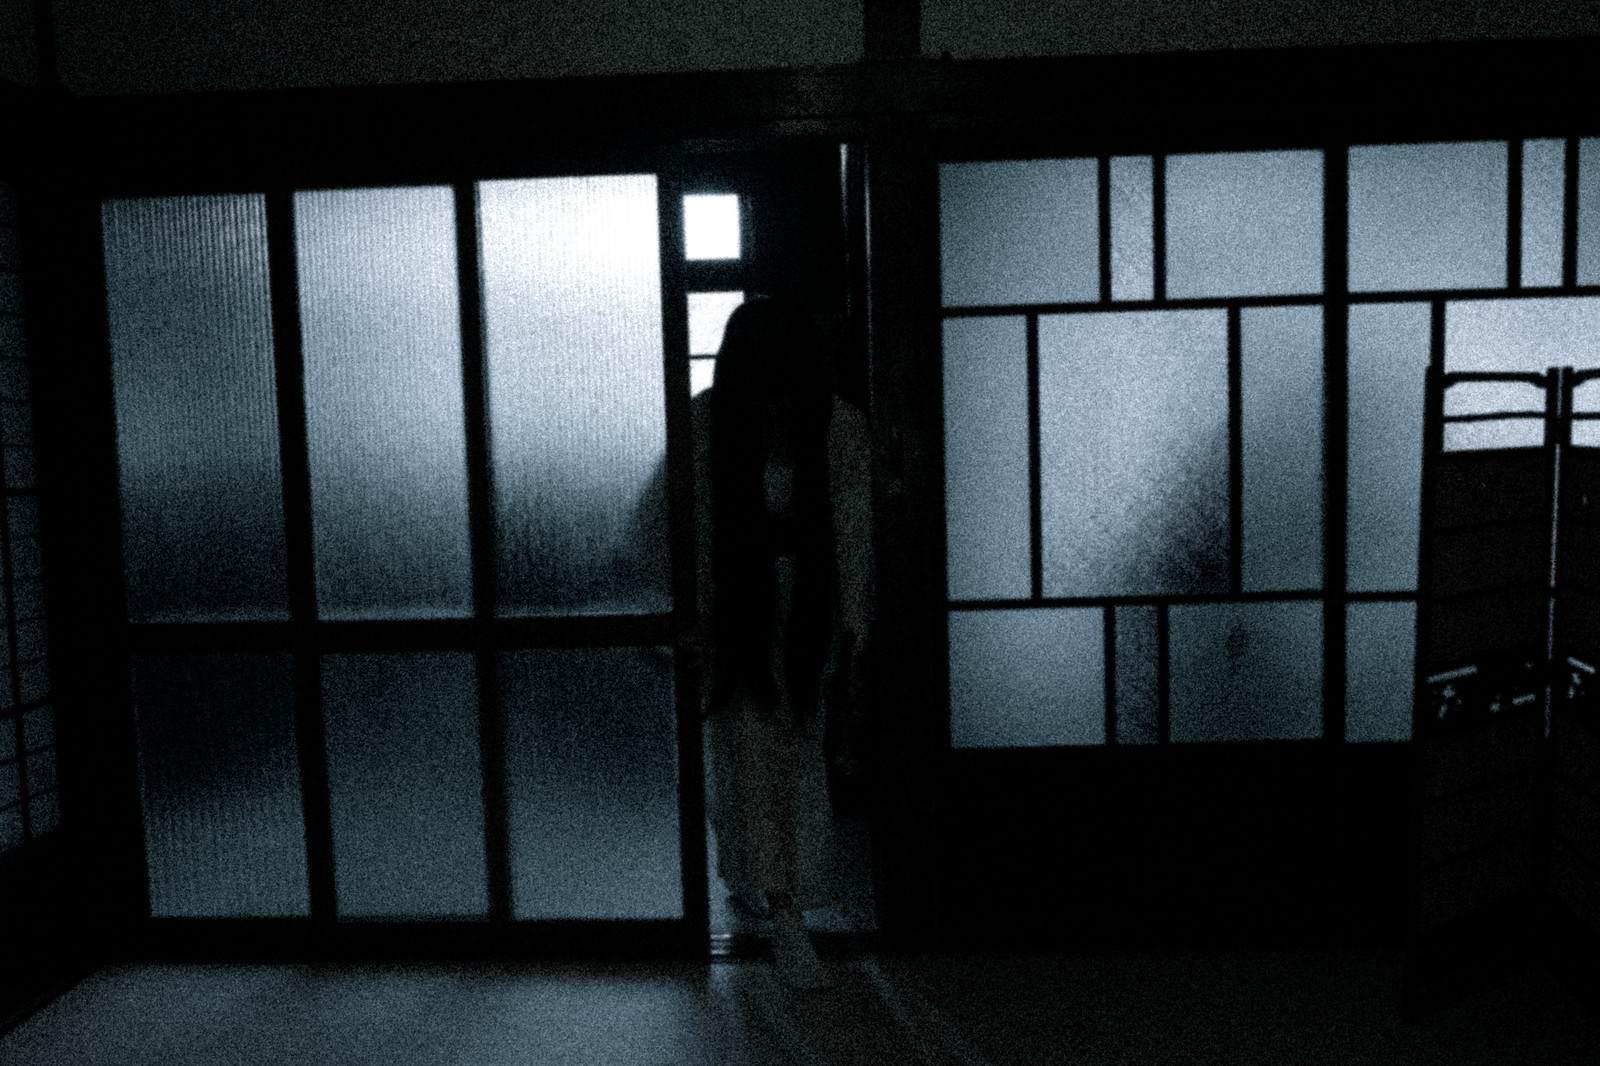 時空にまつわる不思議な体験『不気味な部屋』など短編全5話